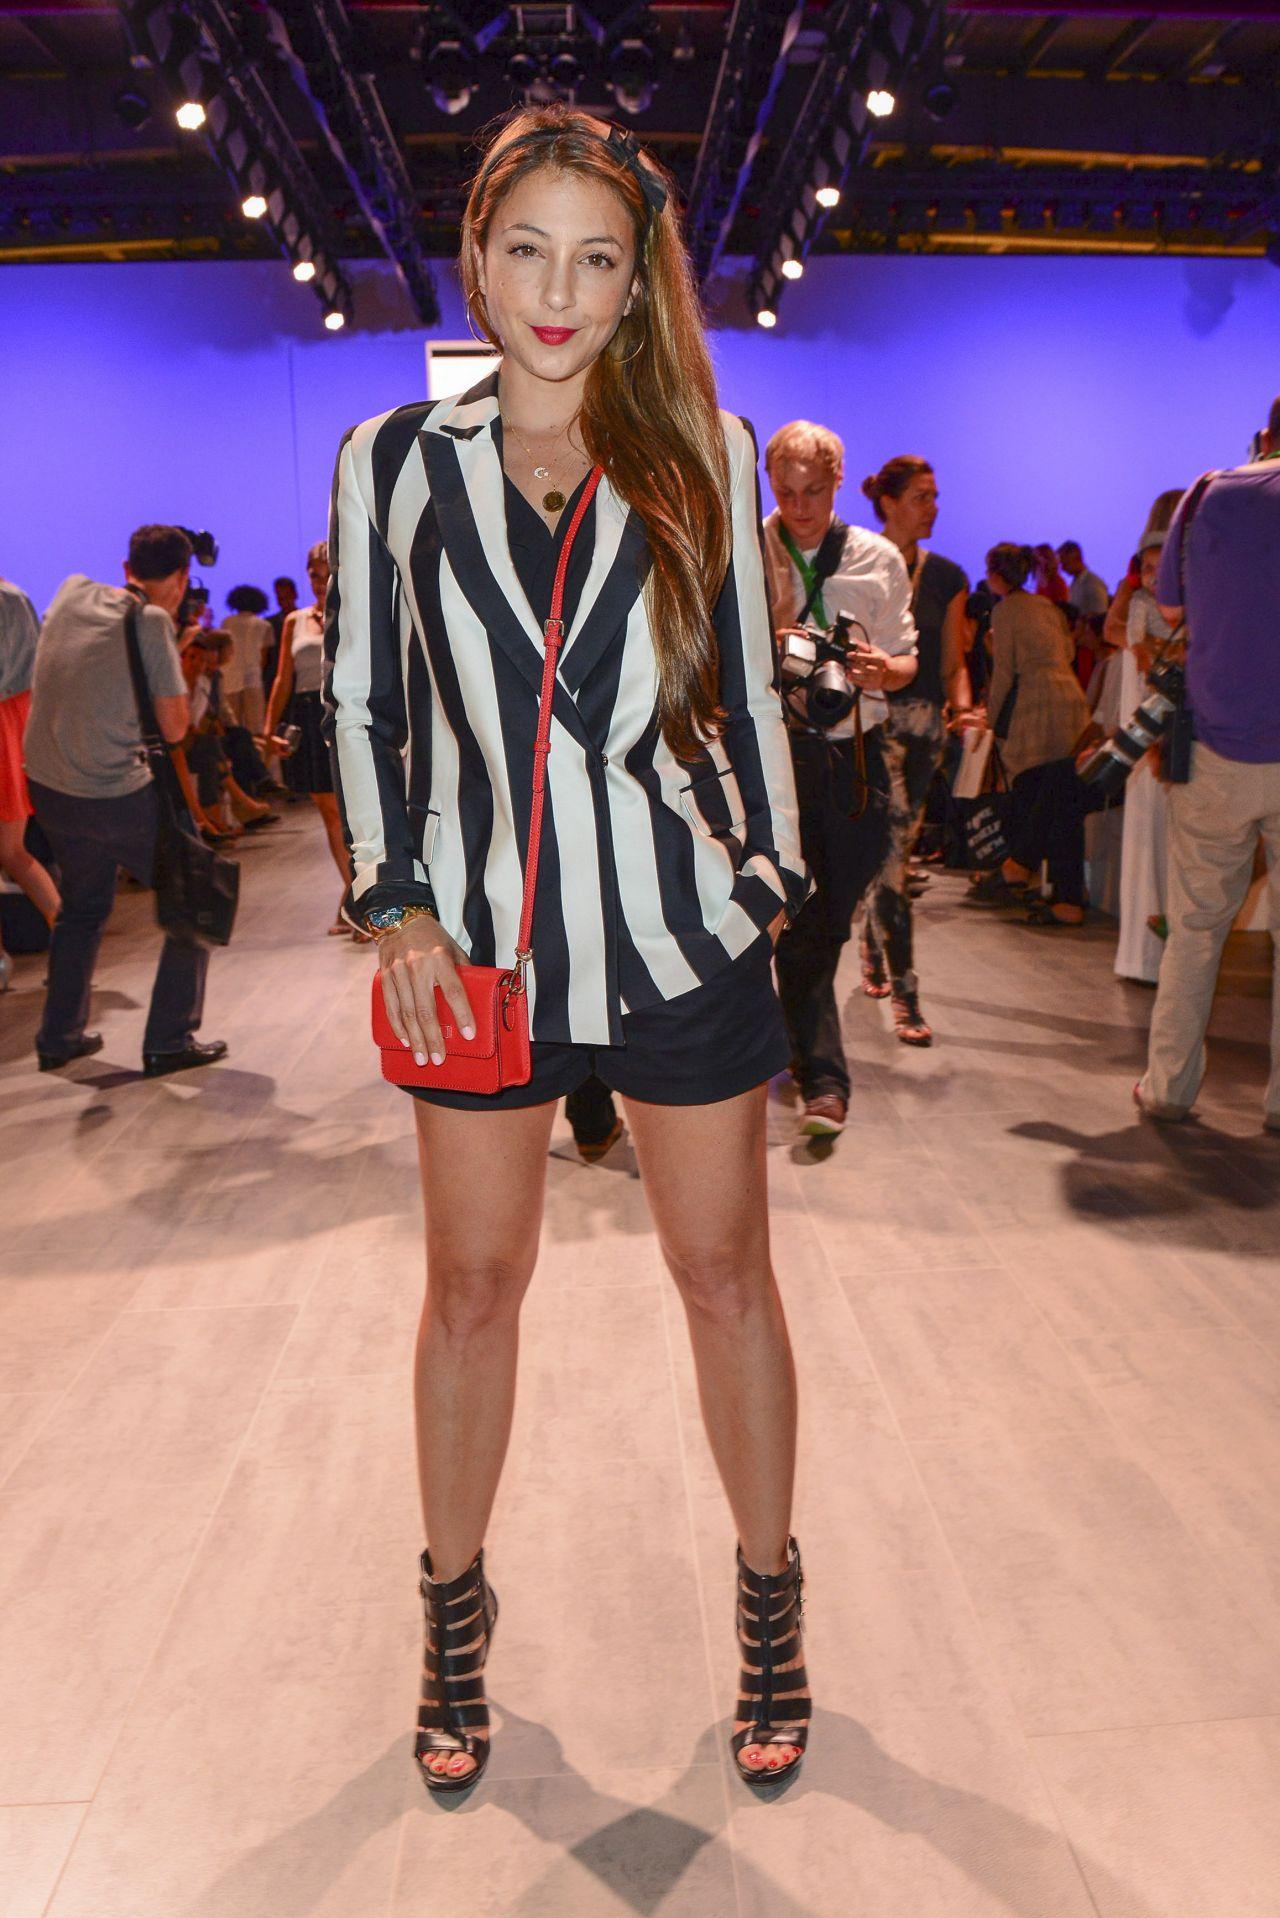 Arzu bazman 39 c 39 est tout ce 39 nou show 39 mercedes benz for Mercedes benz fashion show